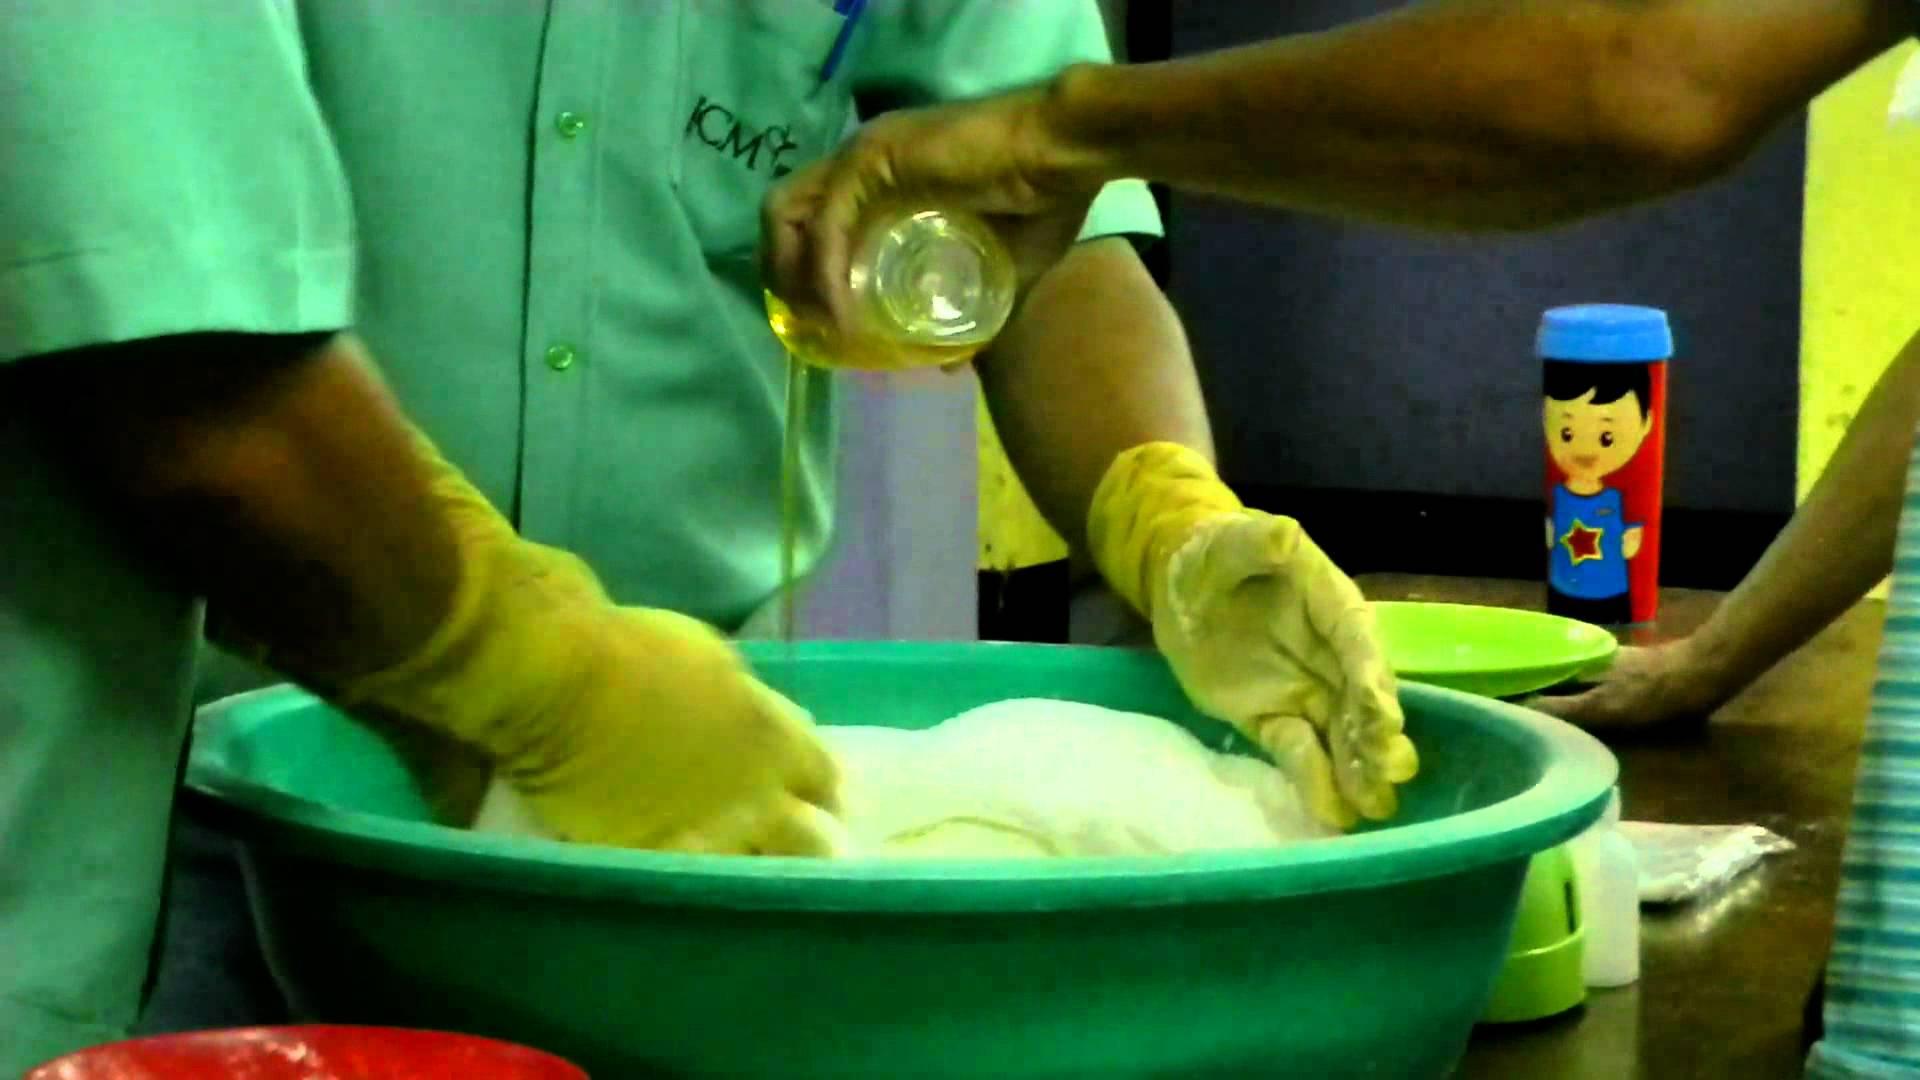 How To Make Detergents – Start Up Detergent Making Business In Nigeria